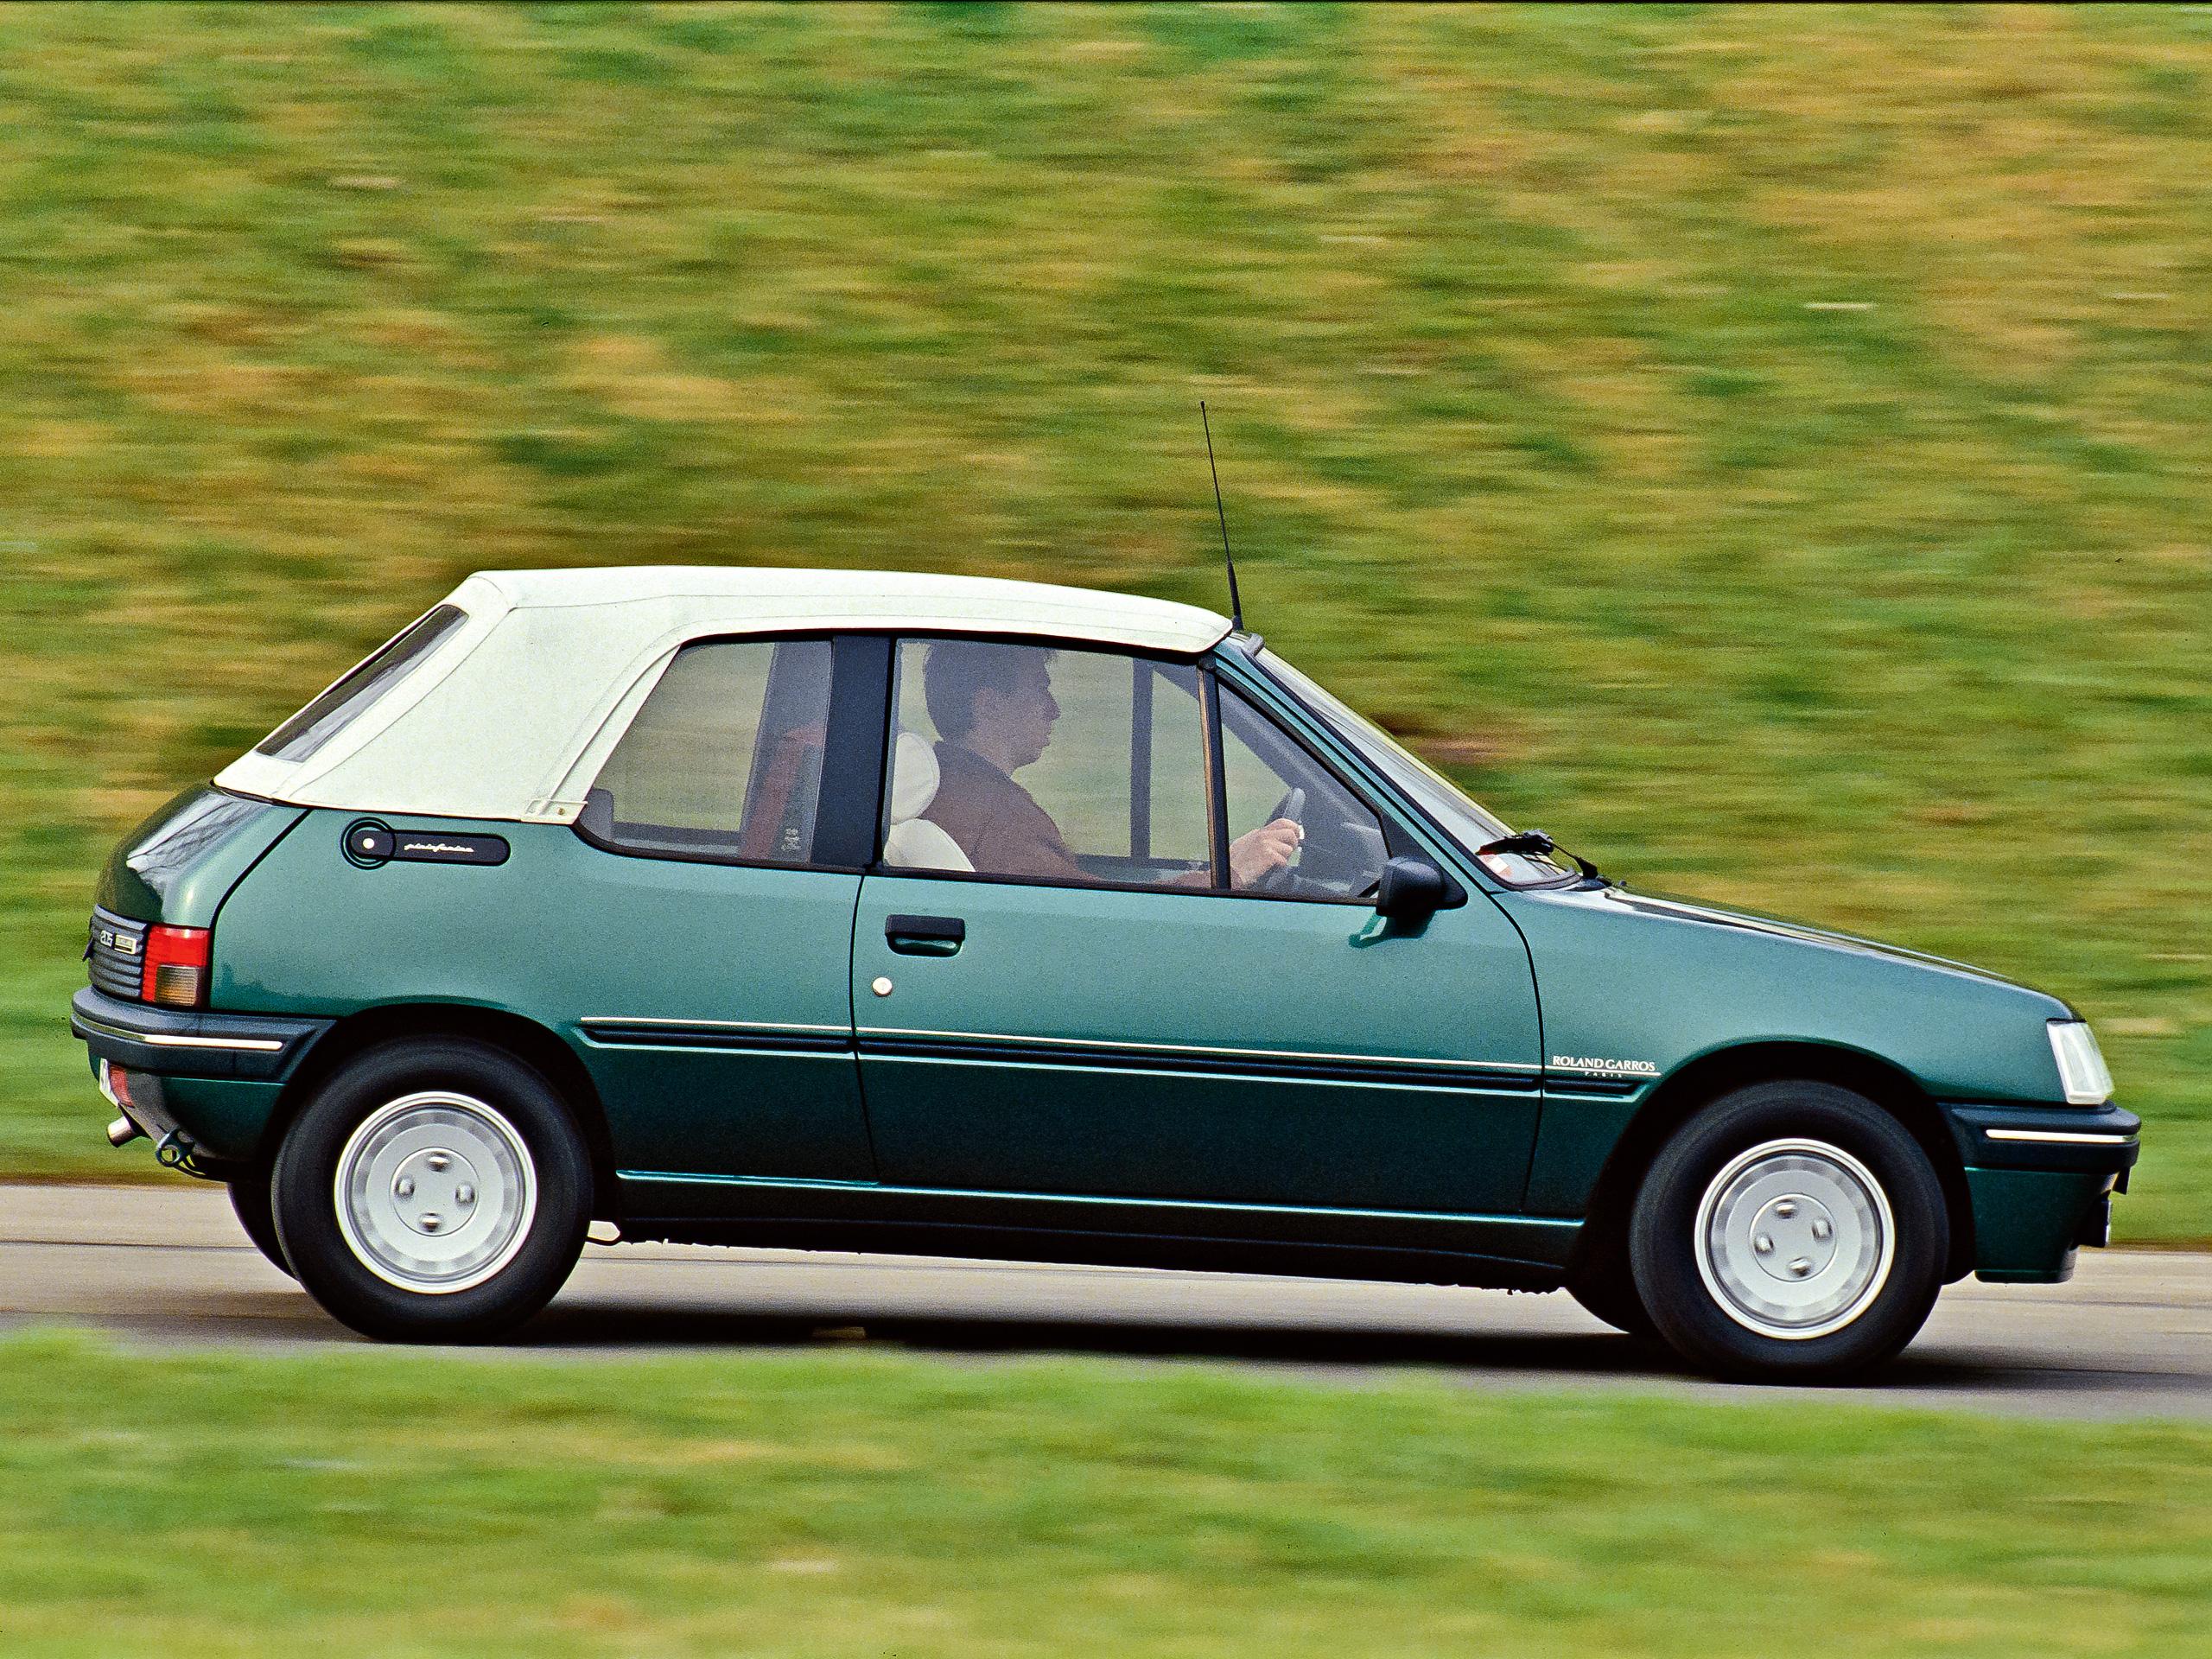 peugeot 205 cabrio: kaufberatung - 10 geheimtipps   autozeitung.de